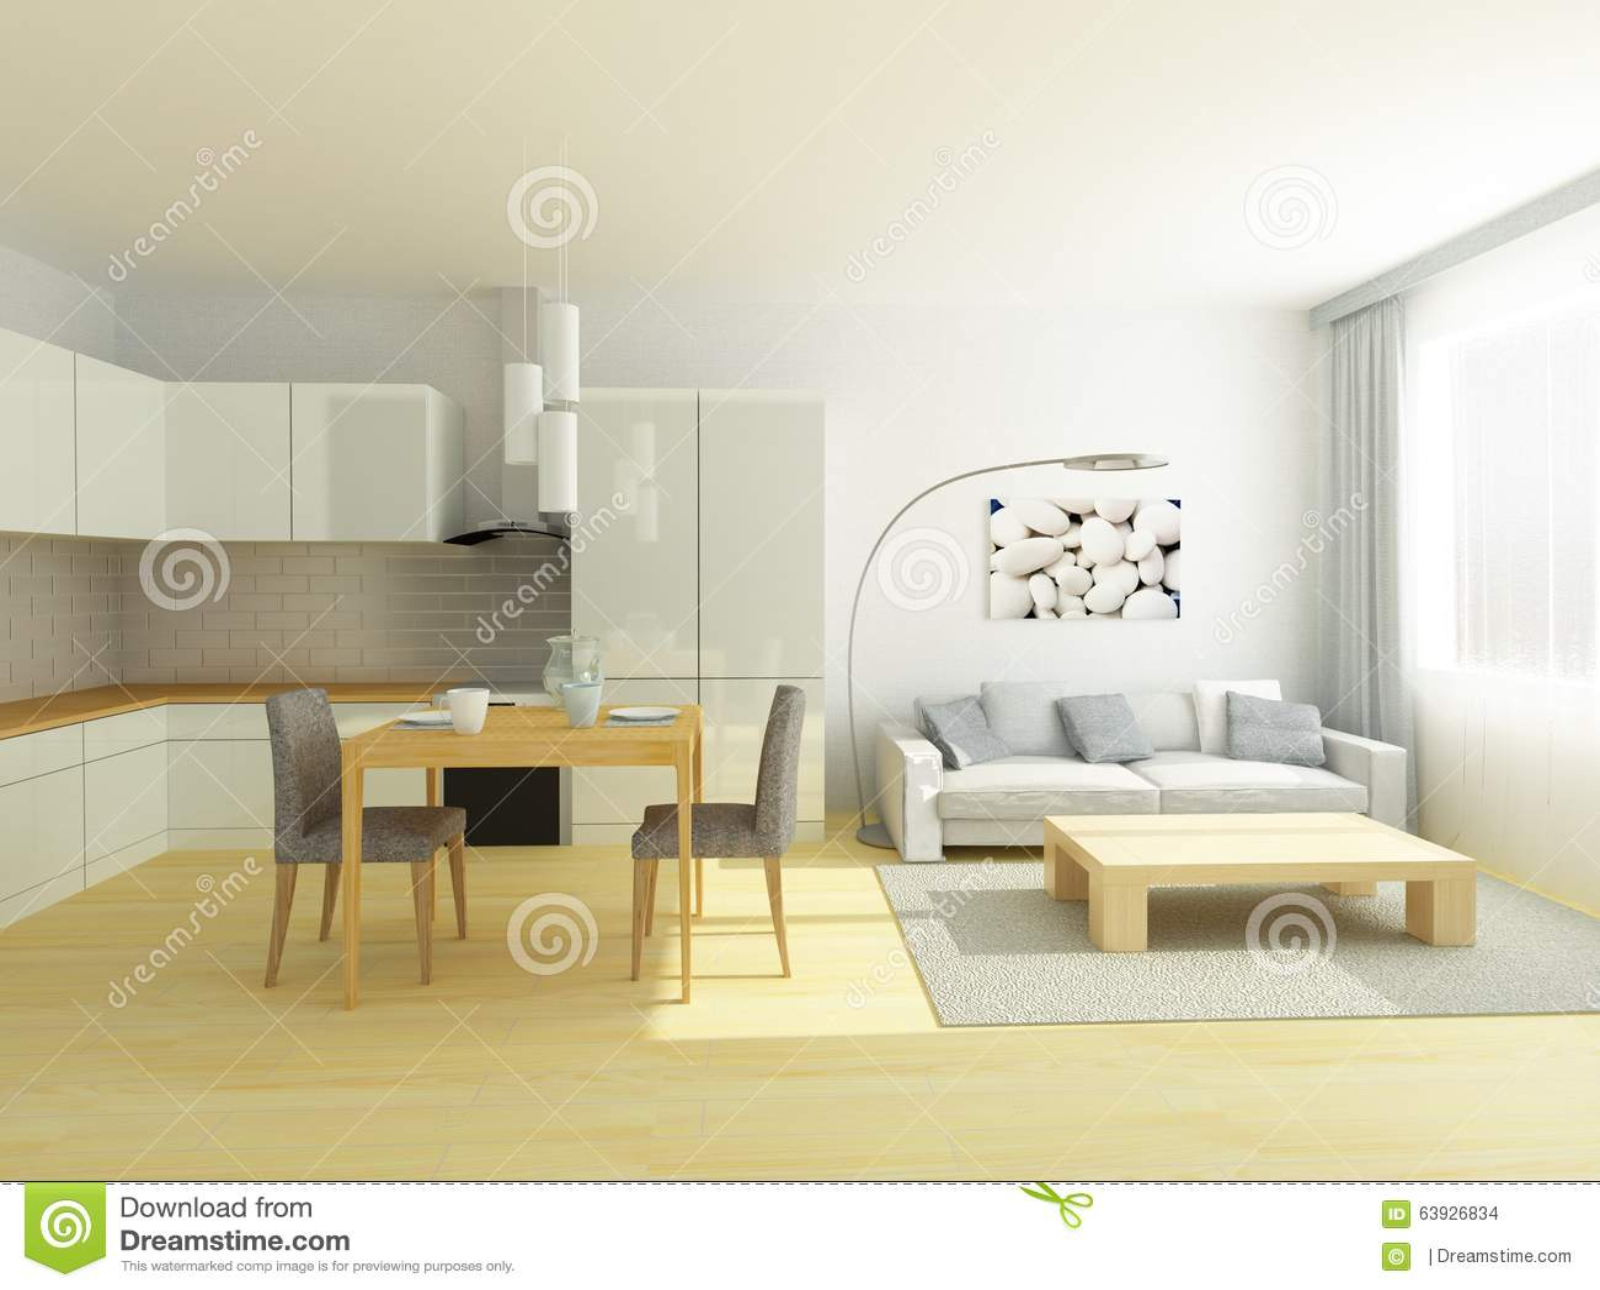 Studio Vlakke Keuken En Woonkamer In Lichtgrijze En Witte